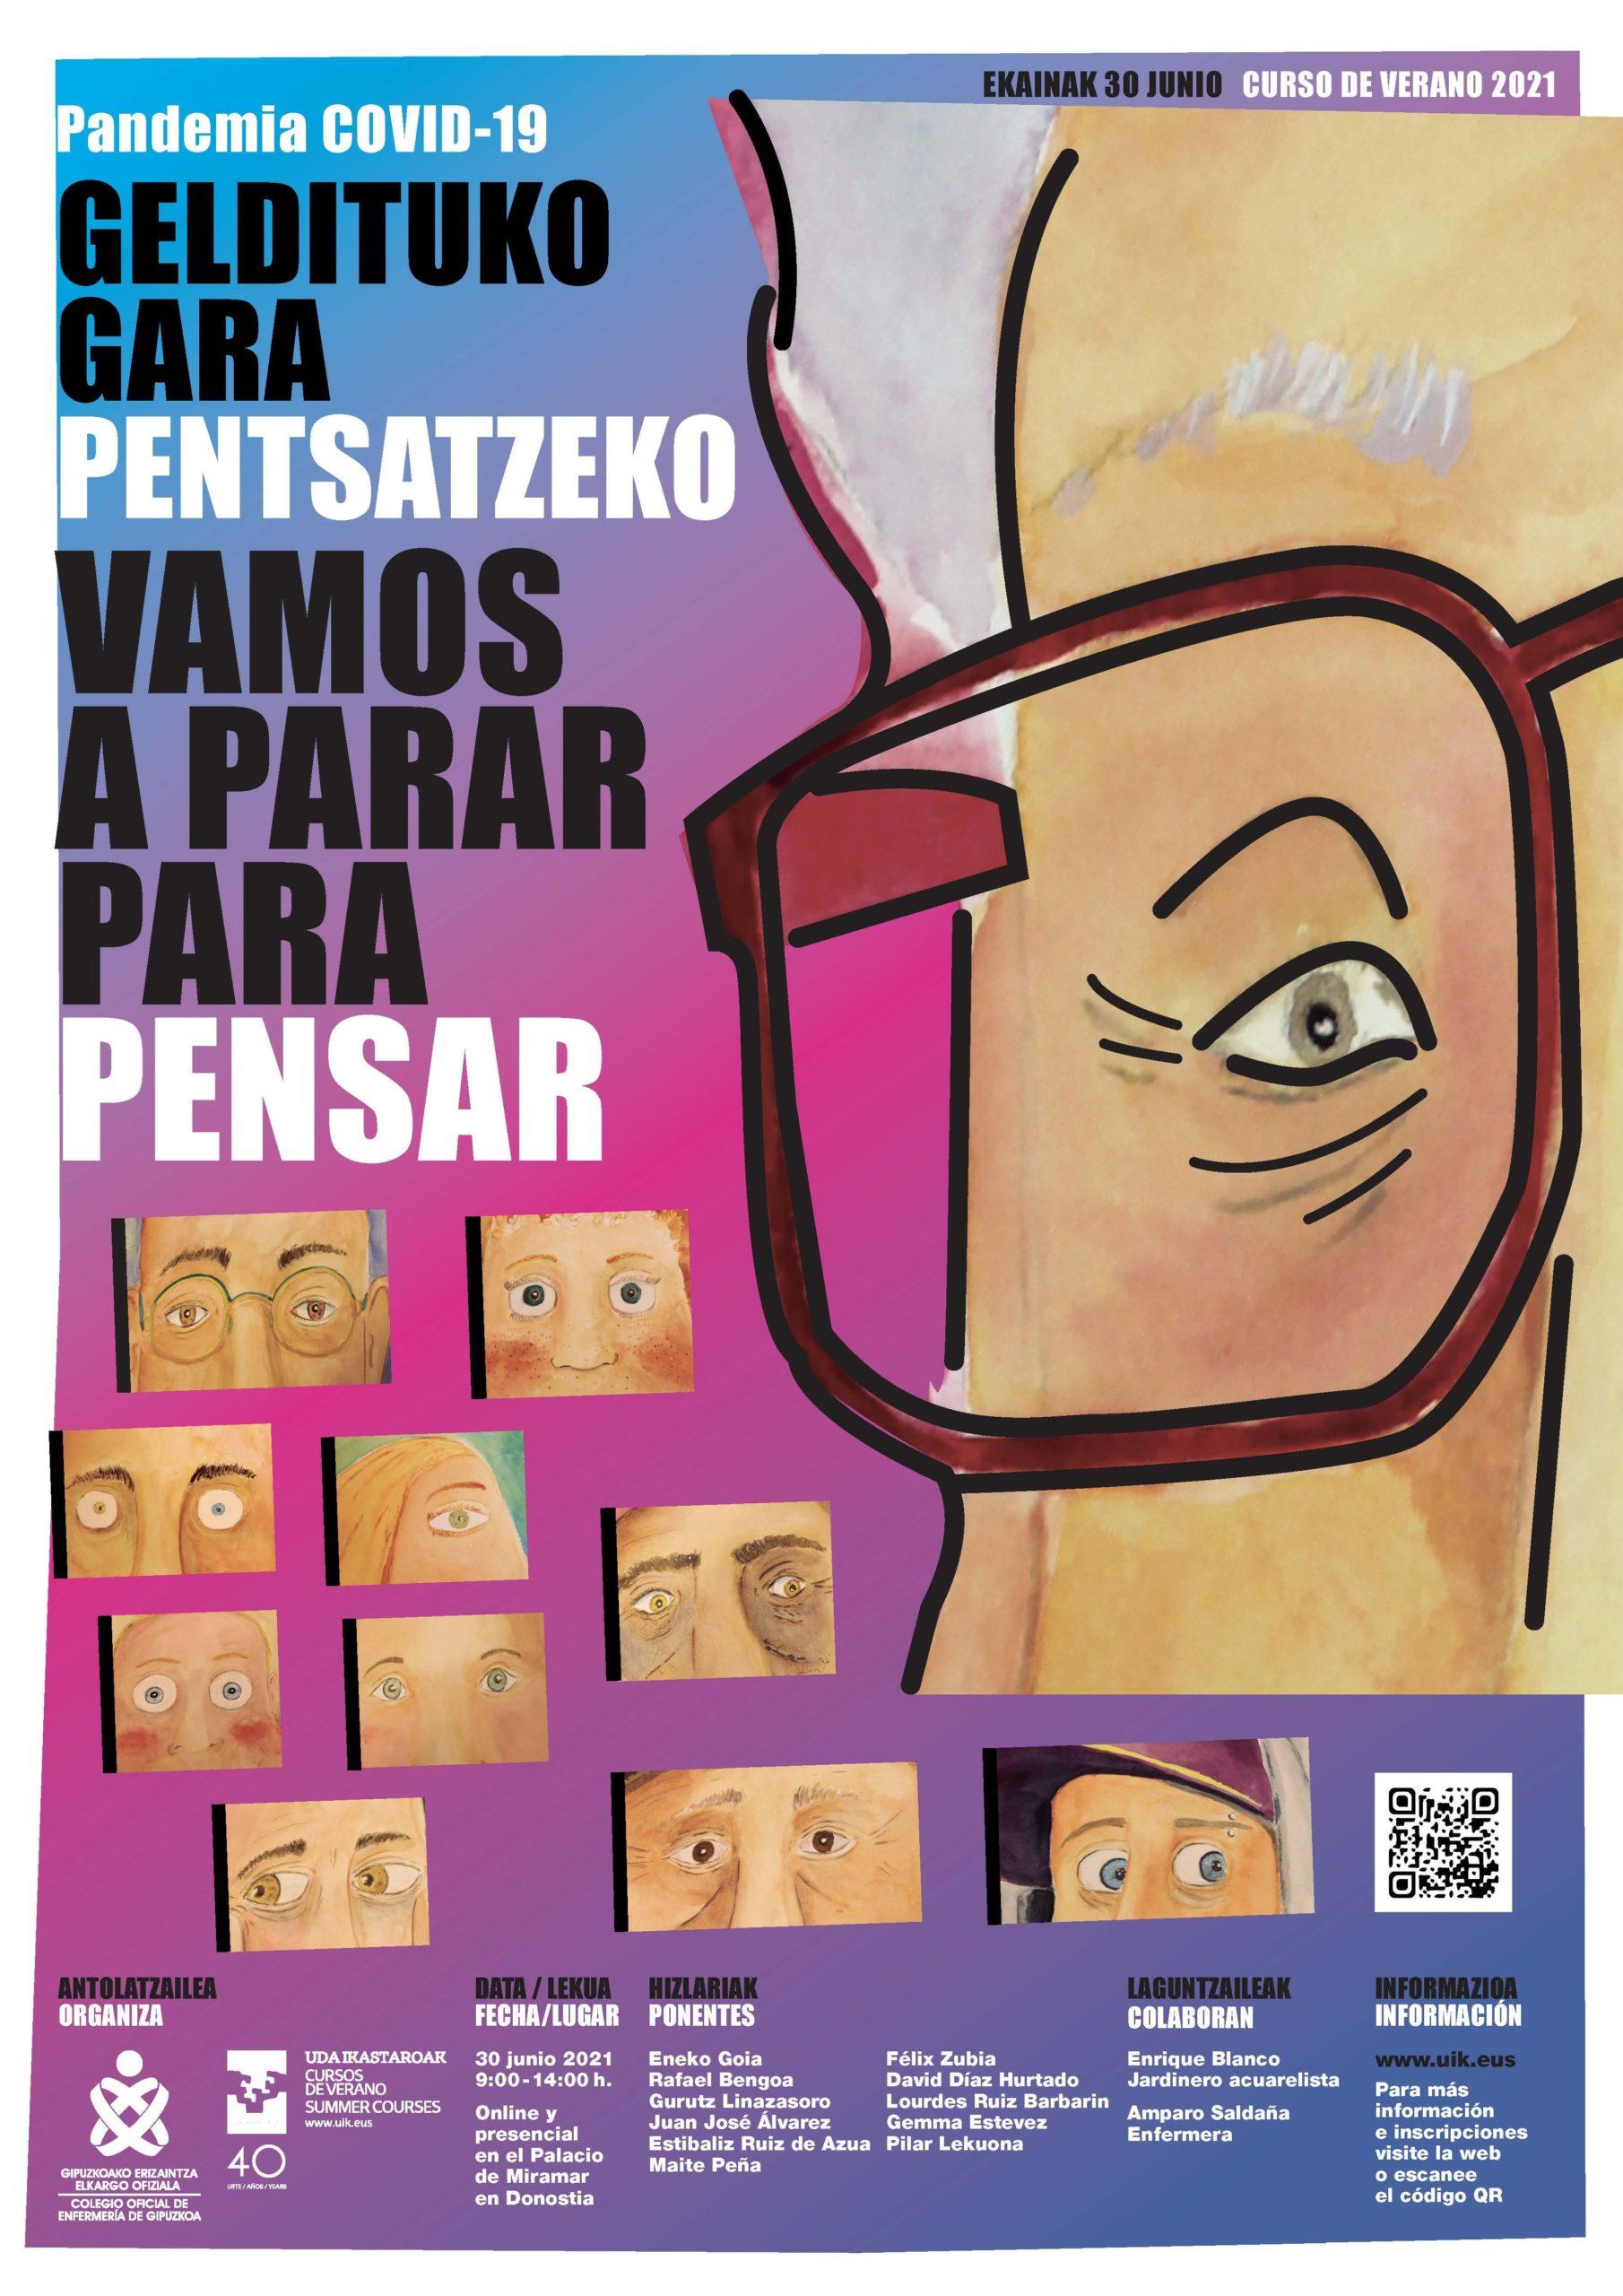 El COEGI invita a realizar una reflexión conjunta sobre todo lo visto y vivido en la pandemia